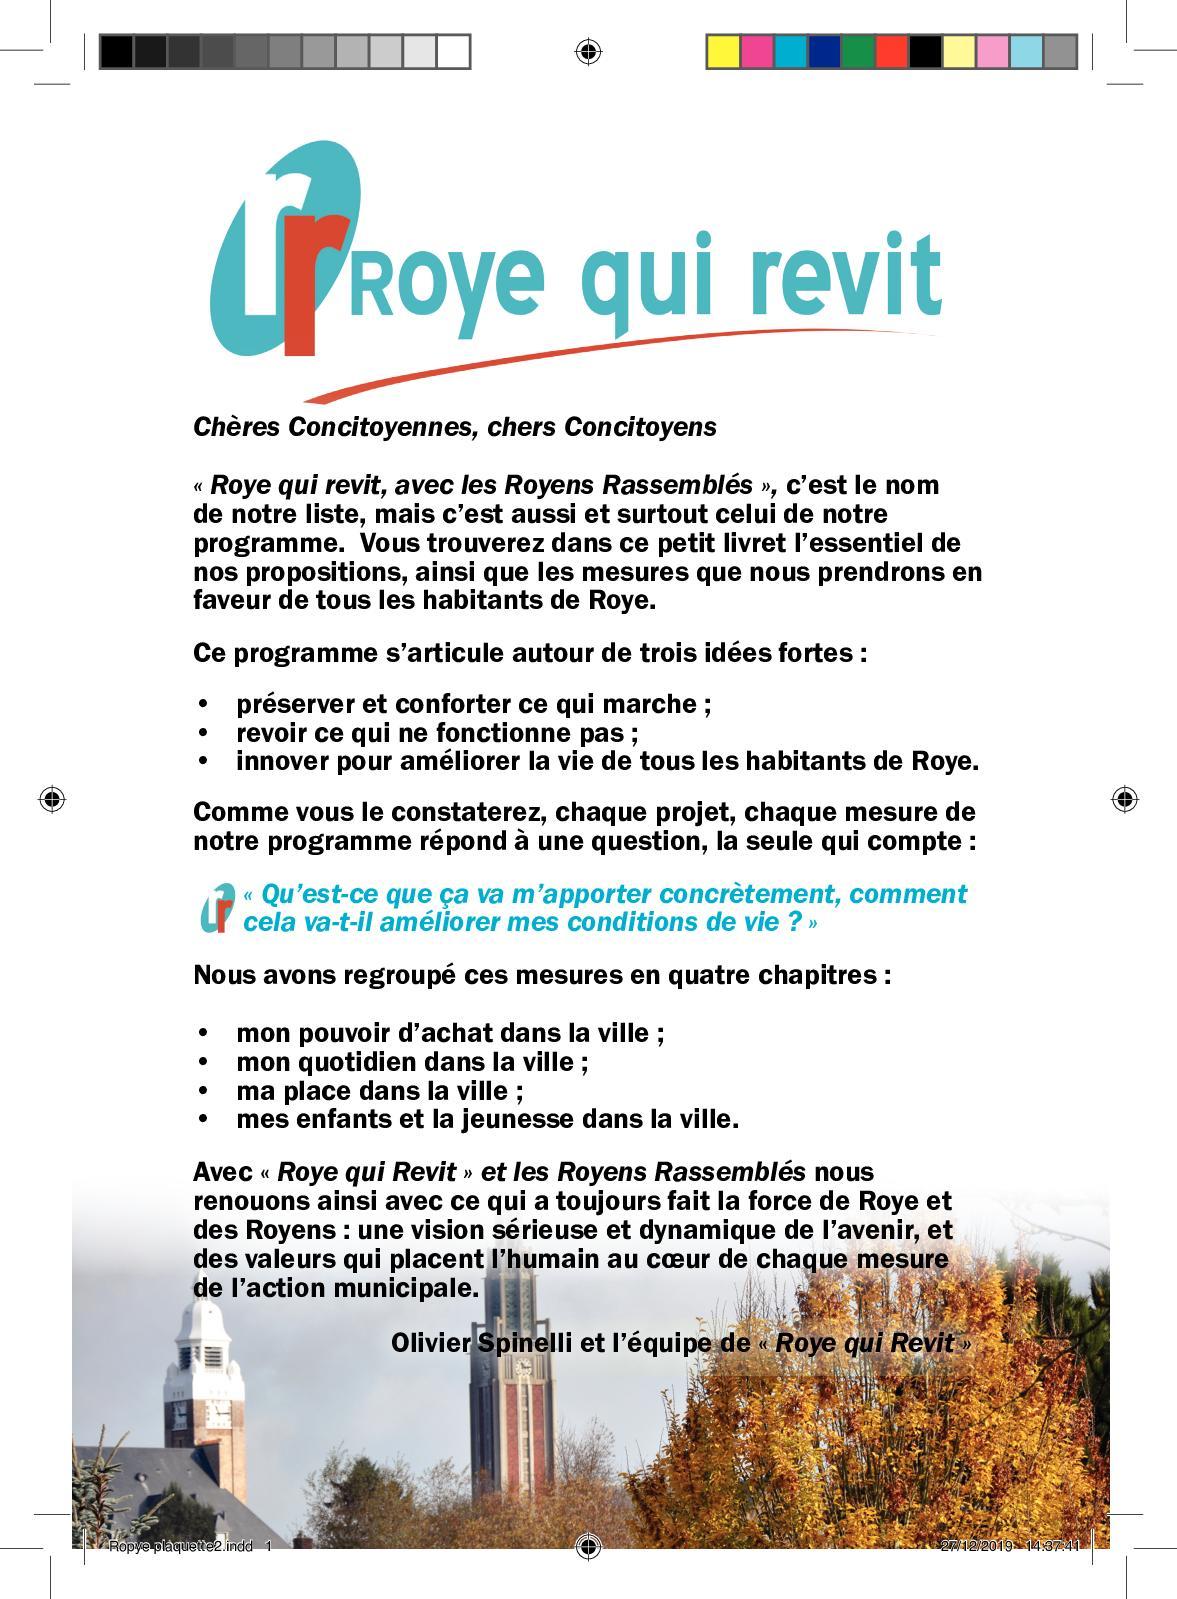 """élections municipales du 15 mars: le programme de """"Roye qui Revit avec les Royens Rassemblés"""""""